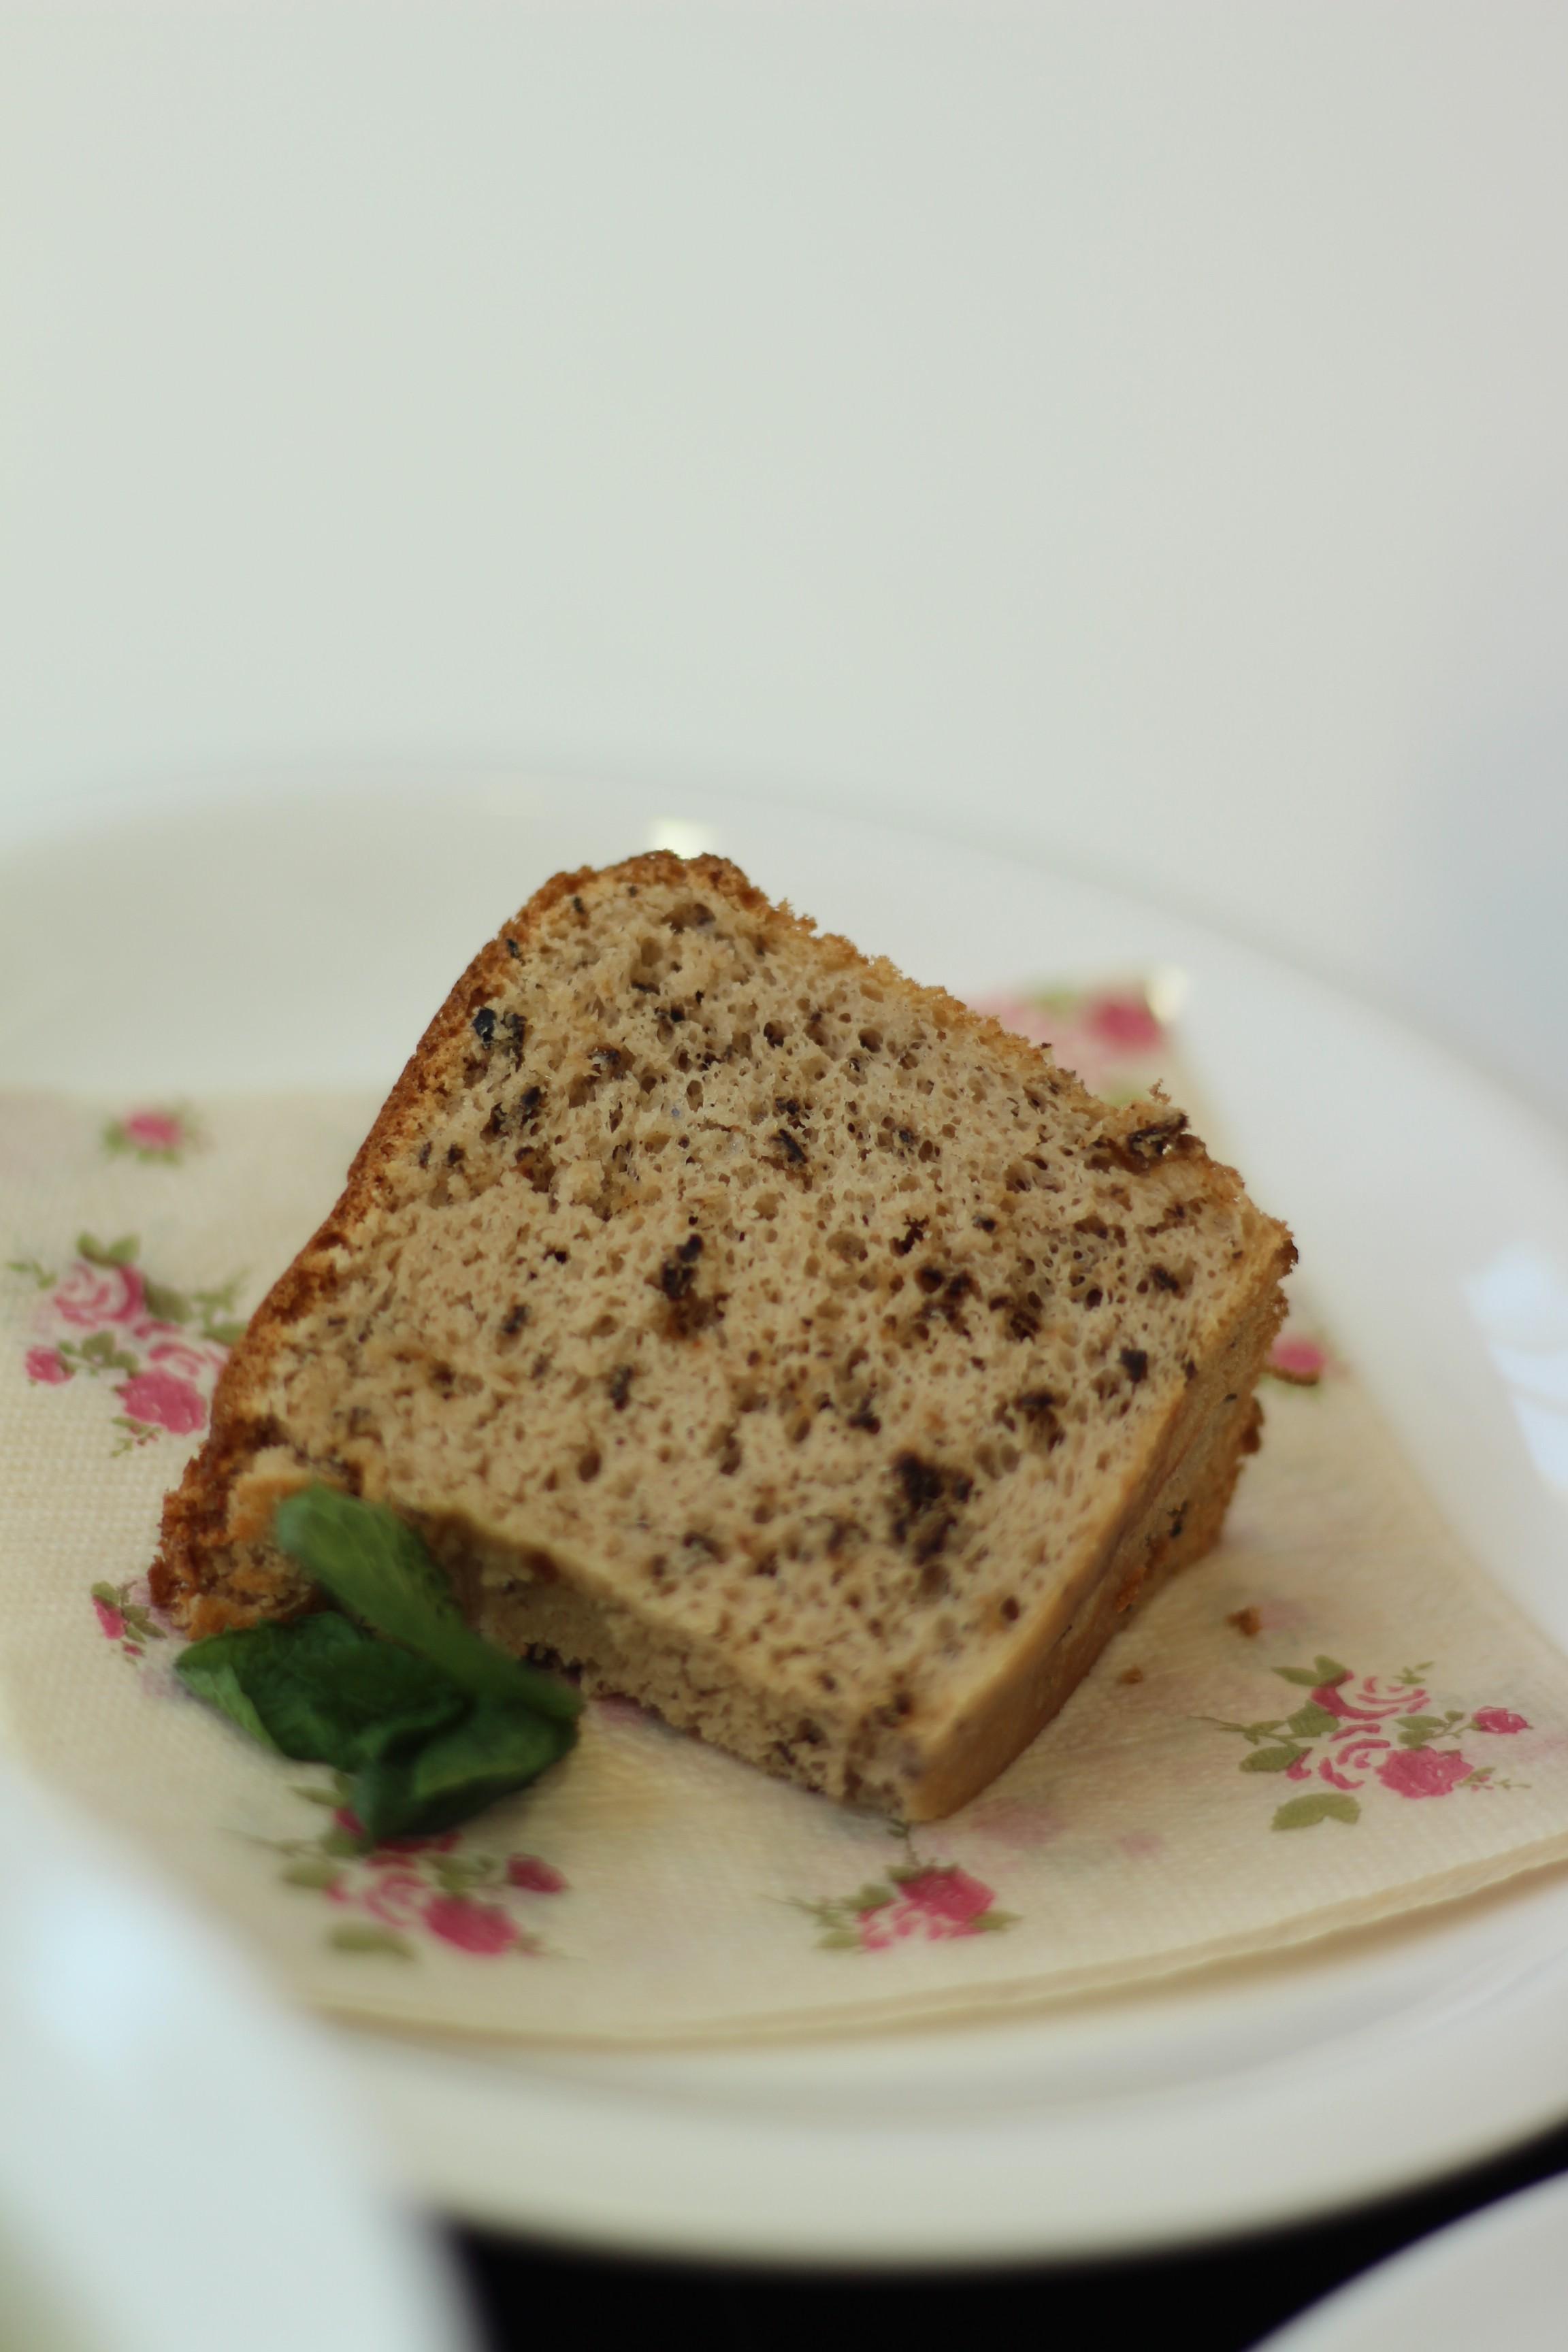 阿倍野区西田辺a-ta-sante糖質制限パン料理教室。京都江部粉糖質d\制限ピザ&シフォンケーキinミーレ。第5回目大盛況で終えました。